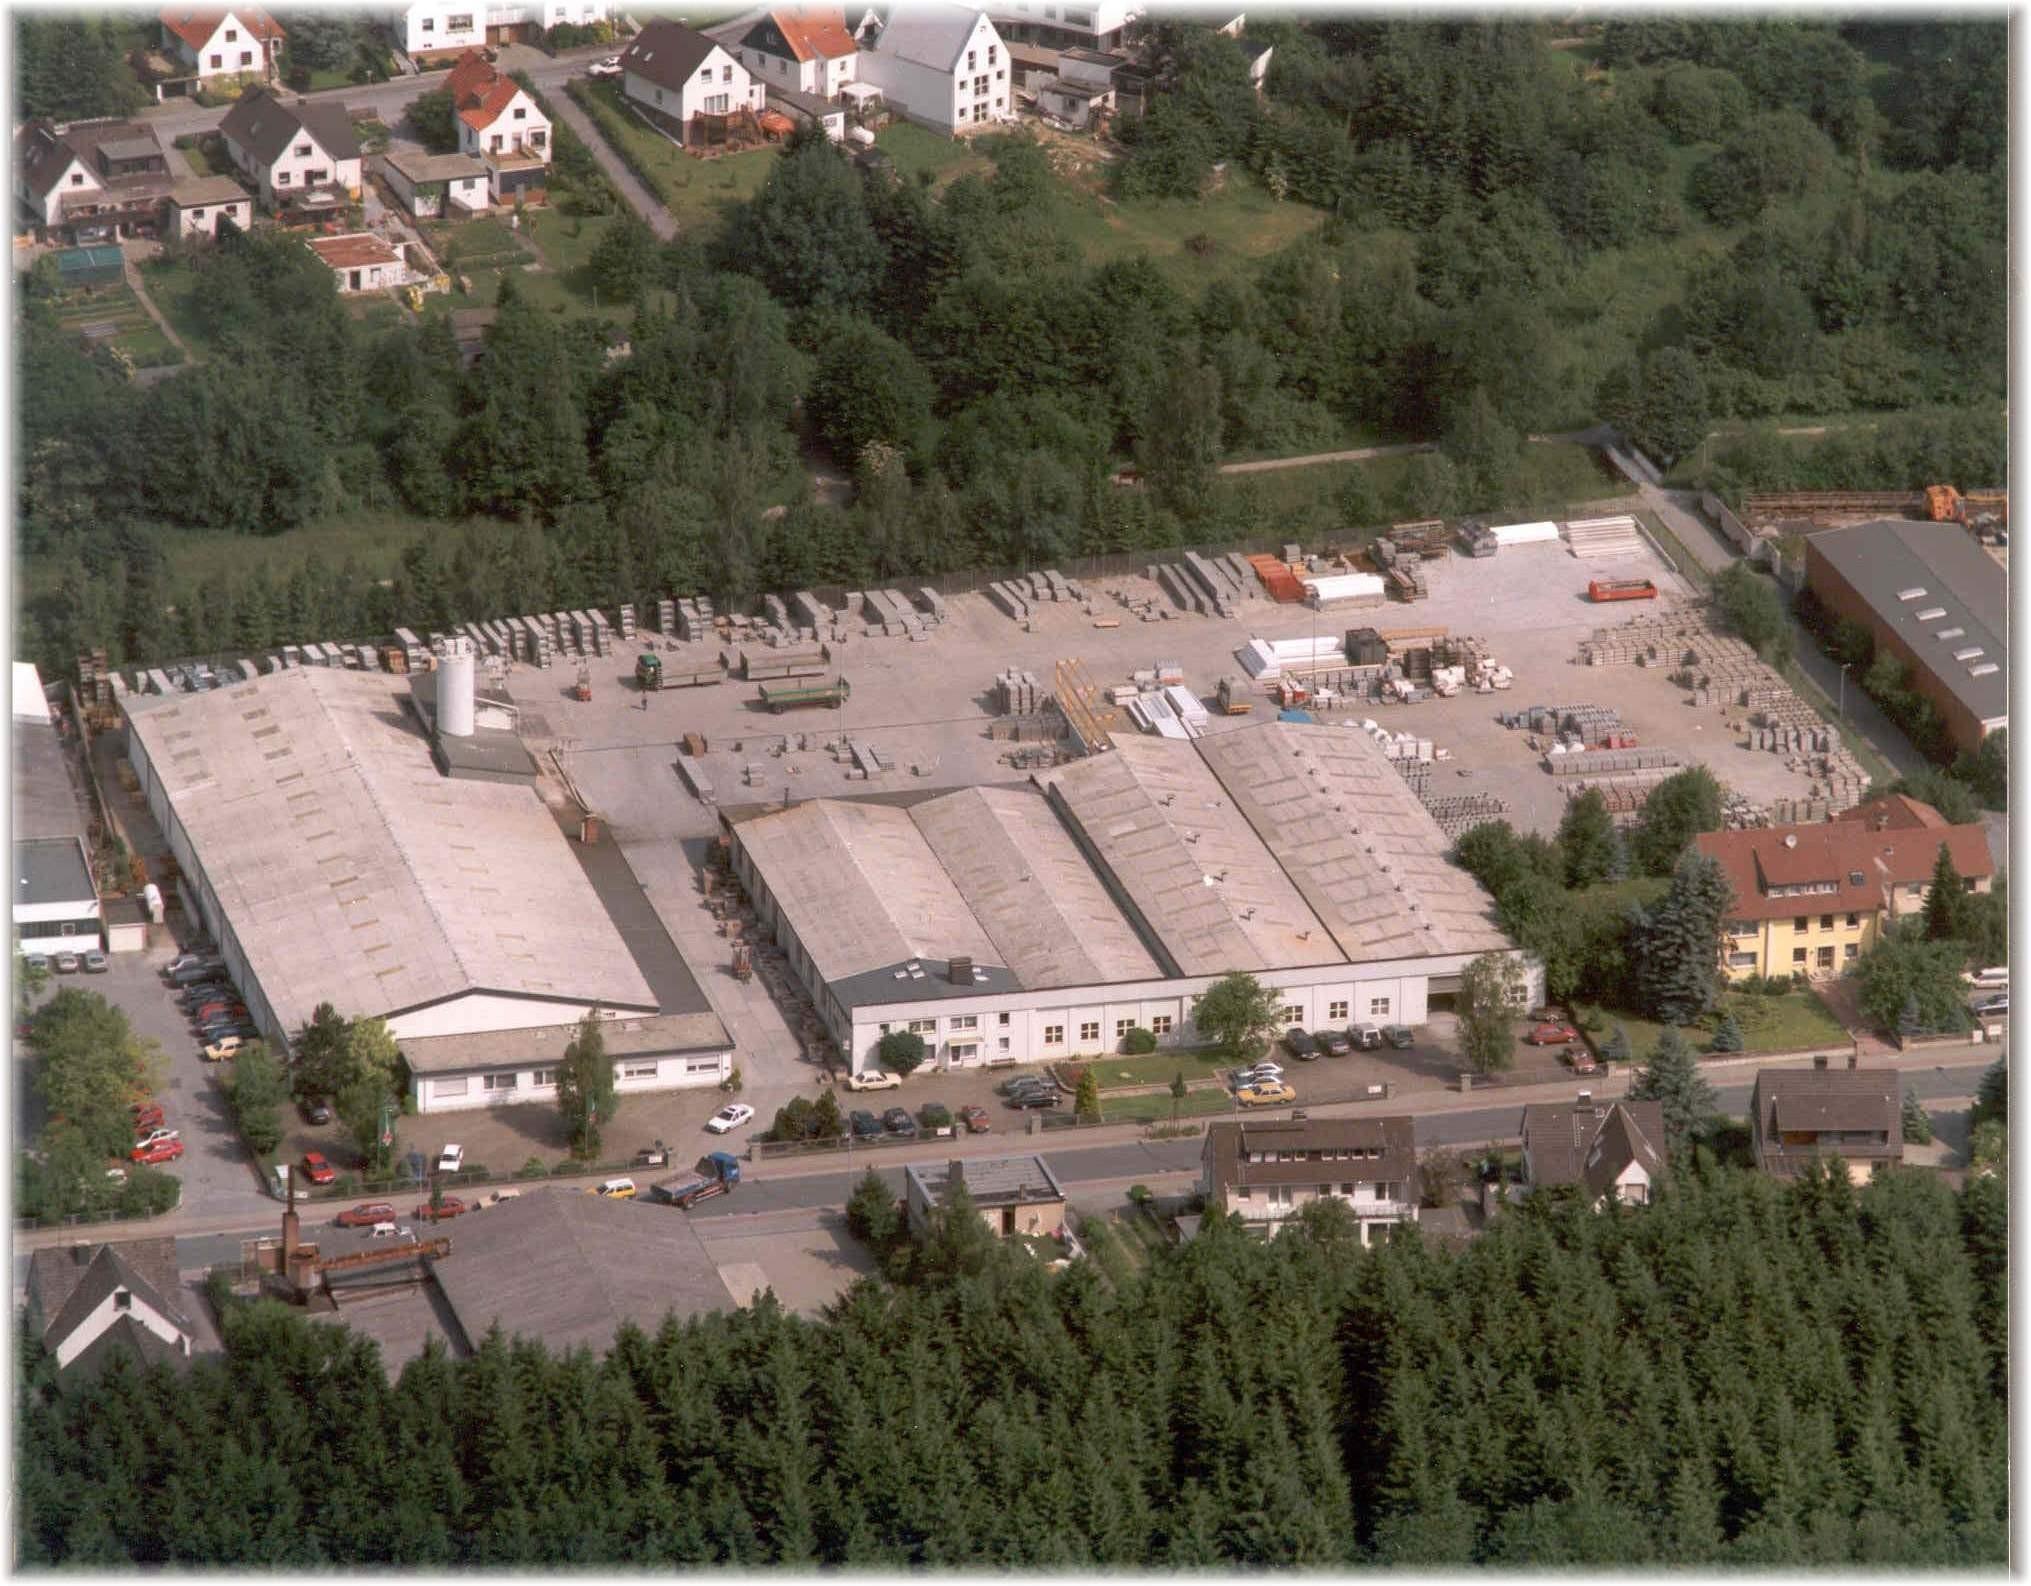 Luftbild-MHS